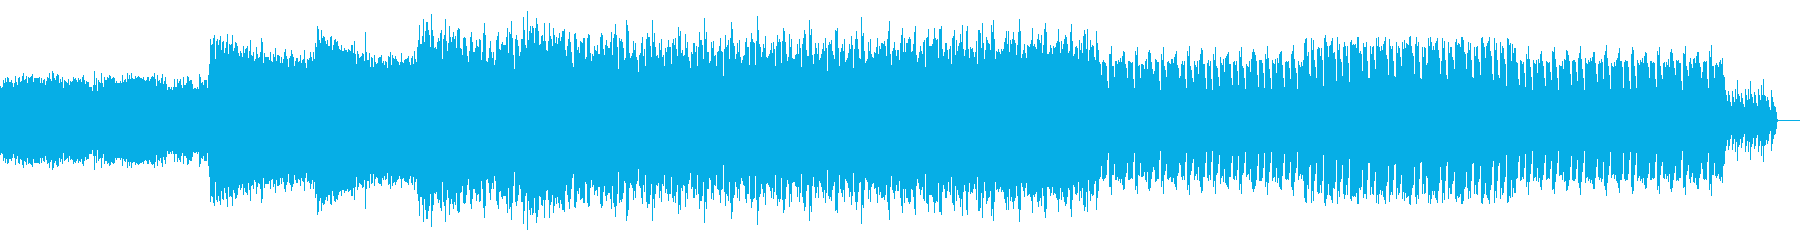 スペーステクノの再生済みの波形